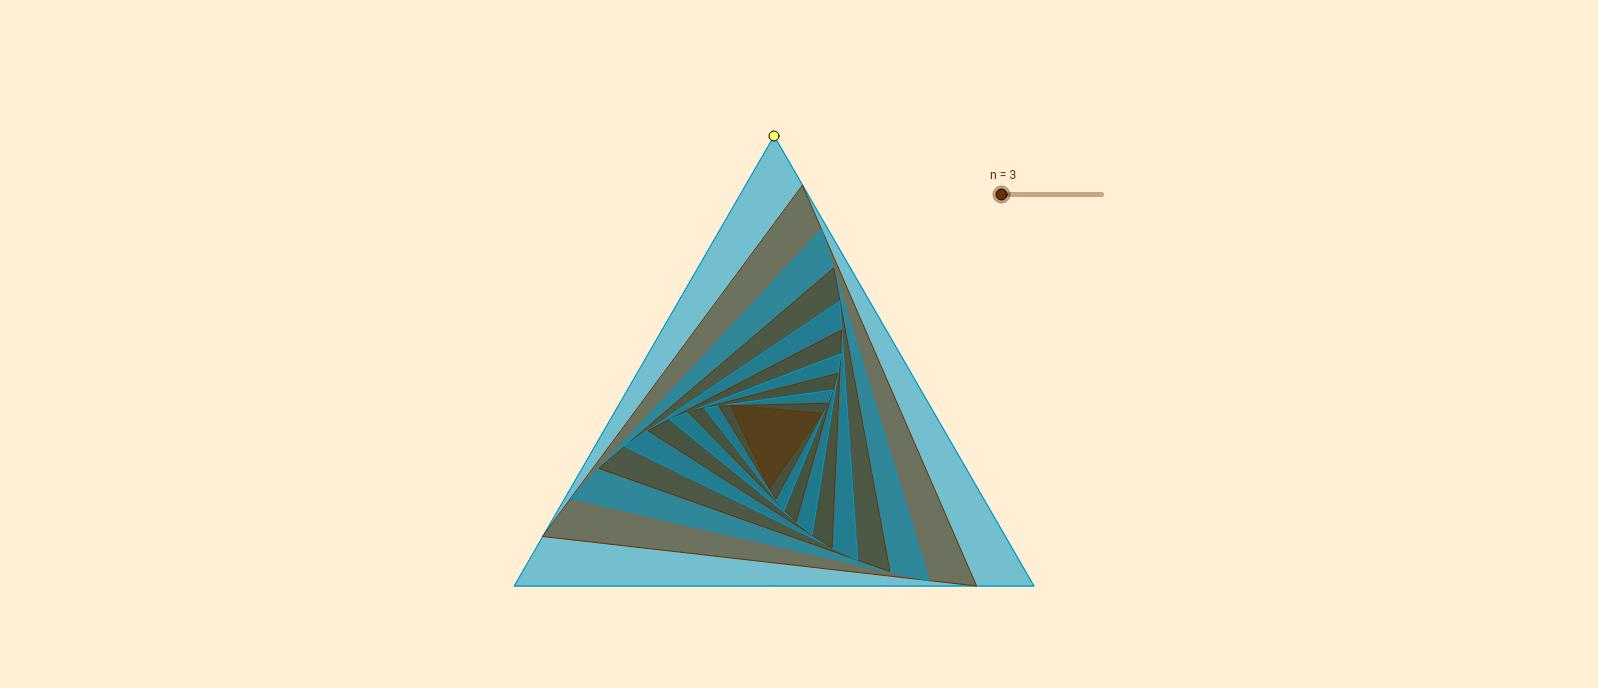 Polígonos regulares dinámicos